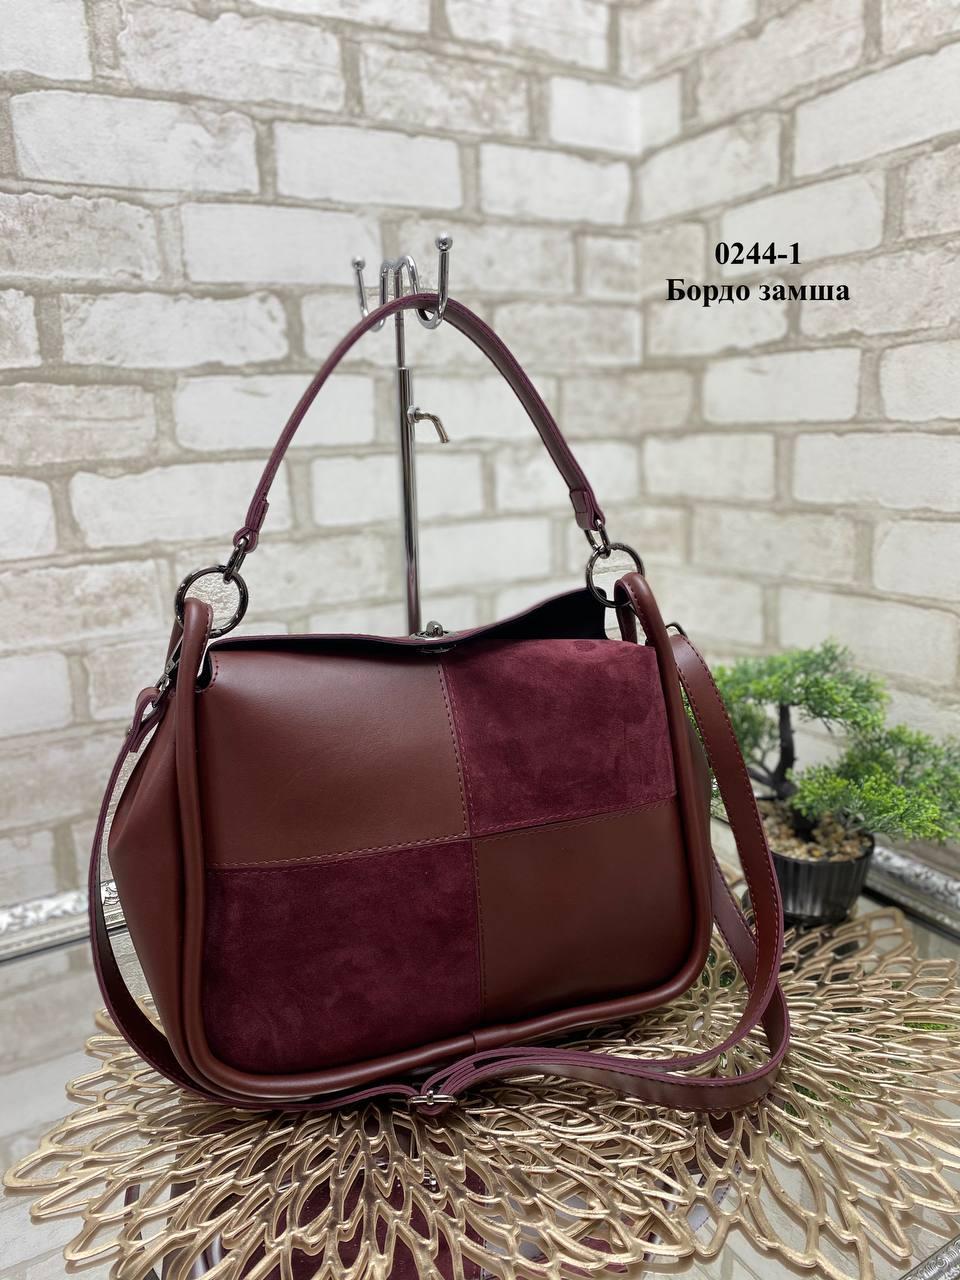 Стильная женская сумка из натуральной замши и экокожи в ассортименте